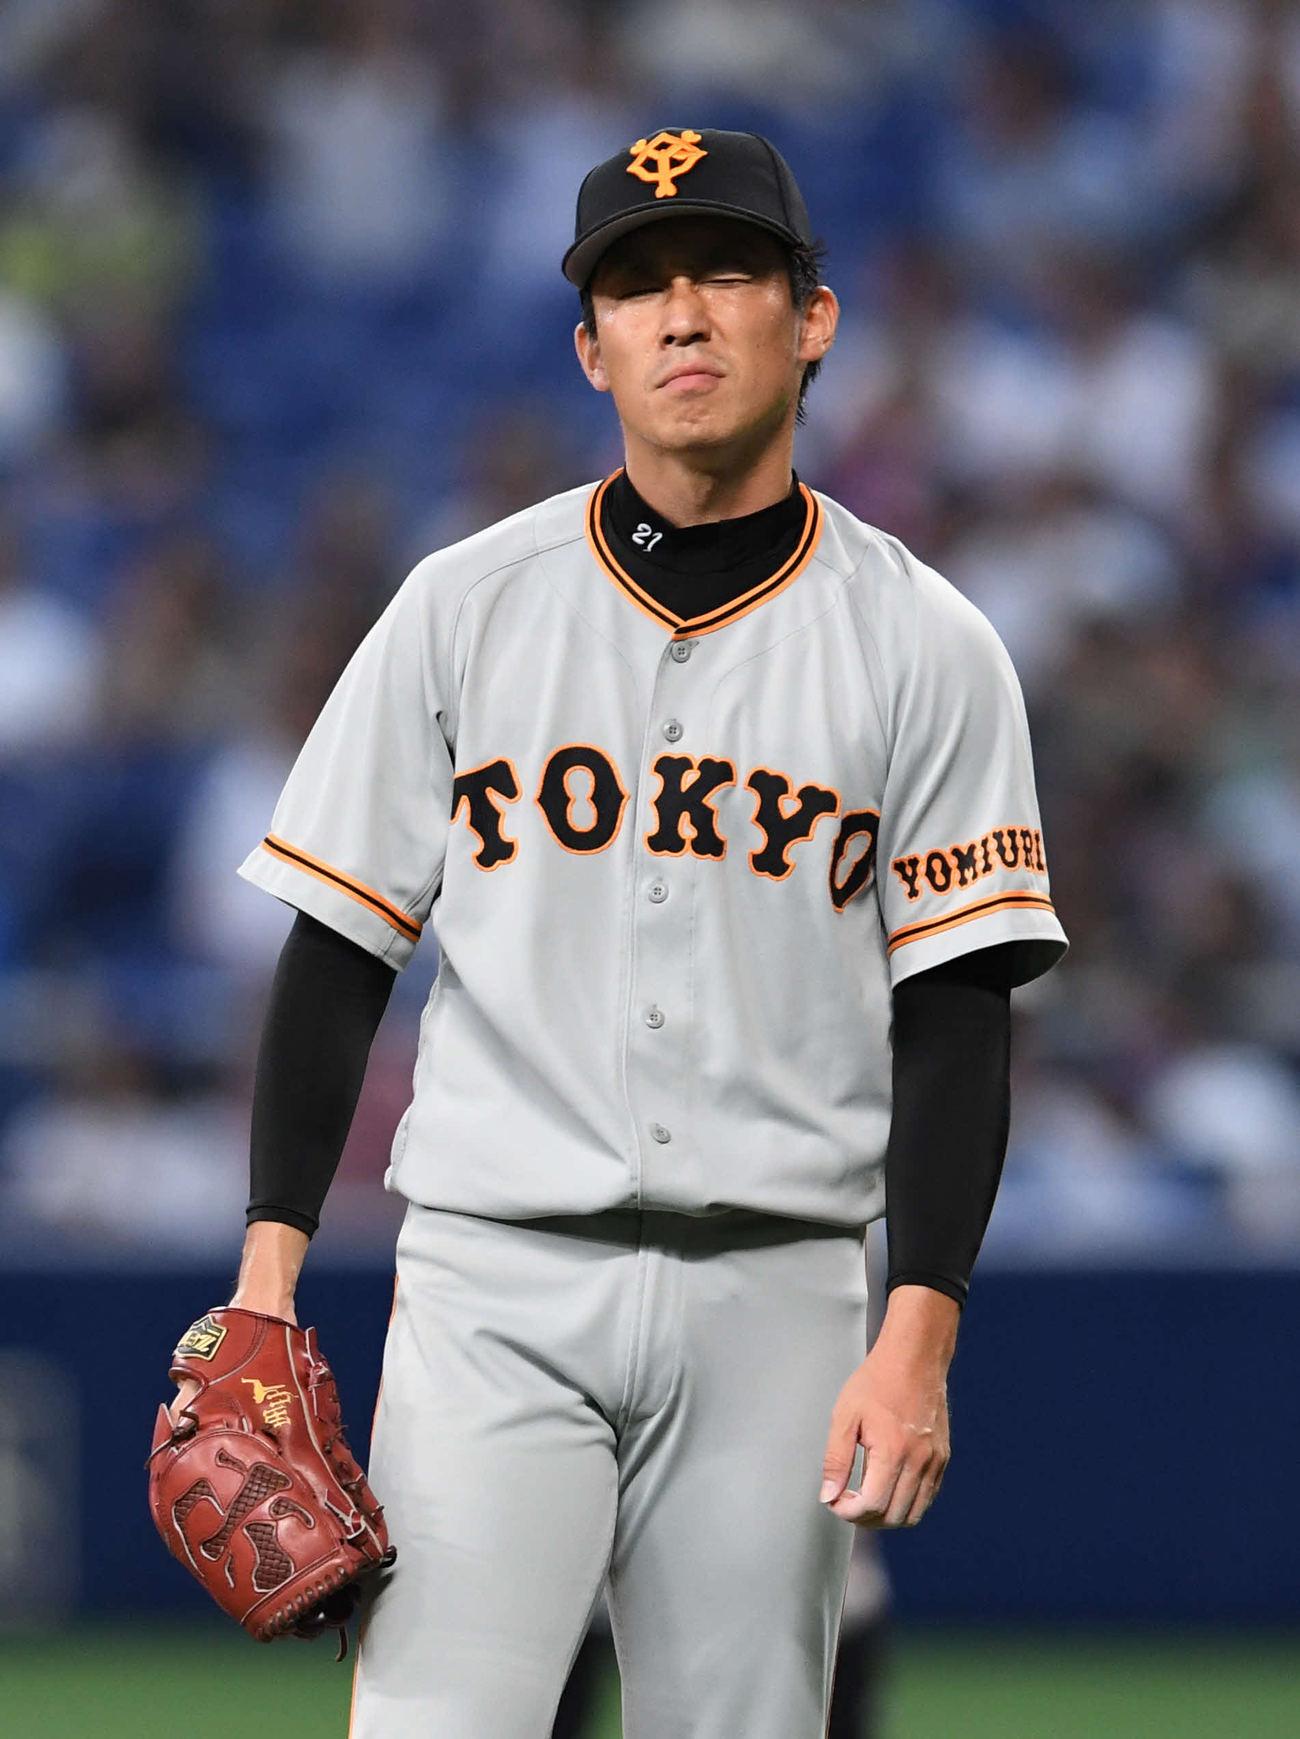 巨人吉川光夫「実力不足」4回途中8失点KOに反省 - 野球 : 日刊スポーツ